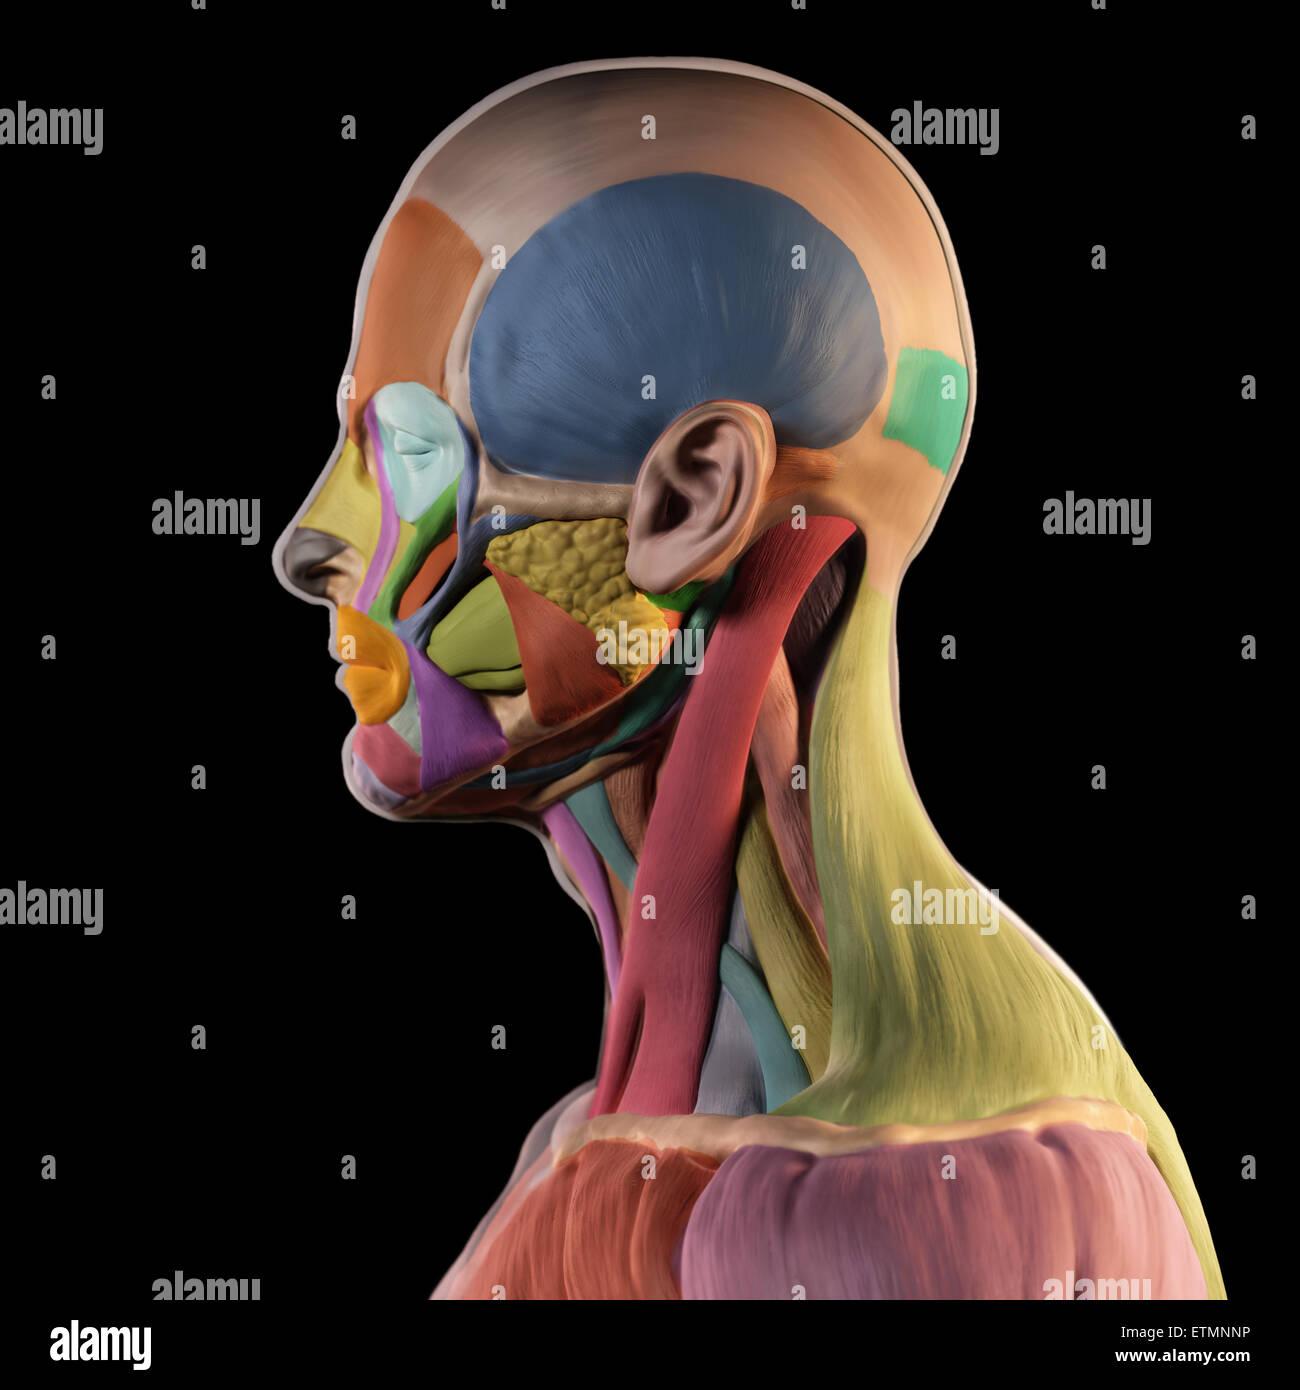 Immagine stilizzata di muscoli del viso nello stile di un - Immagine di terra a colori ...